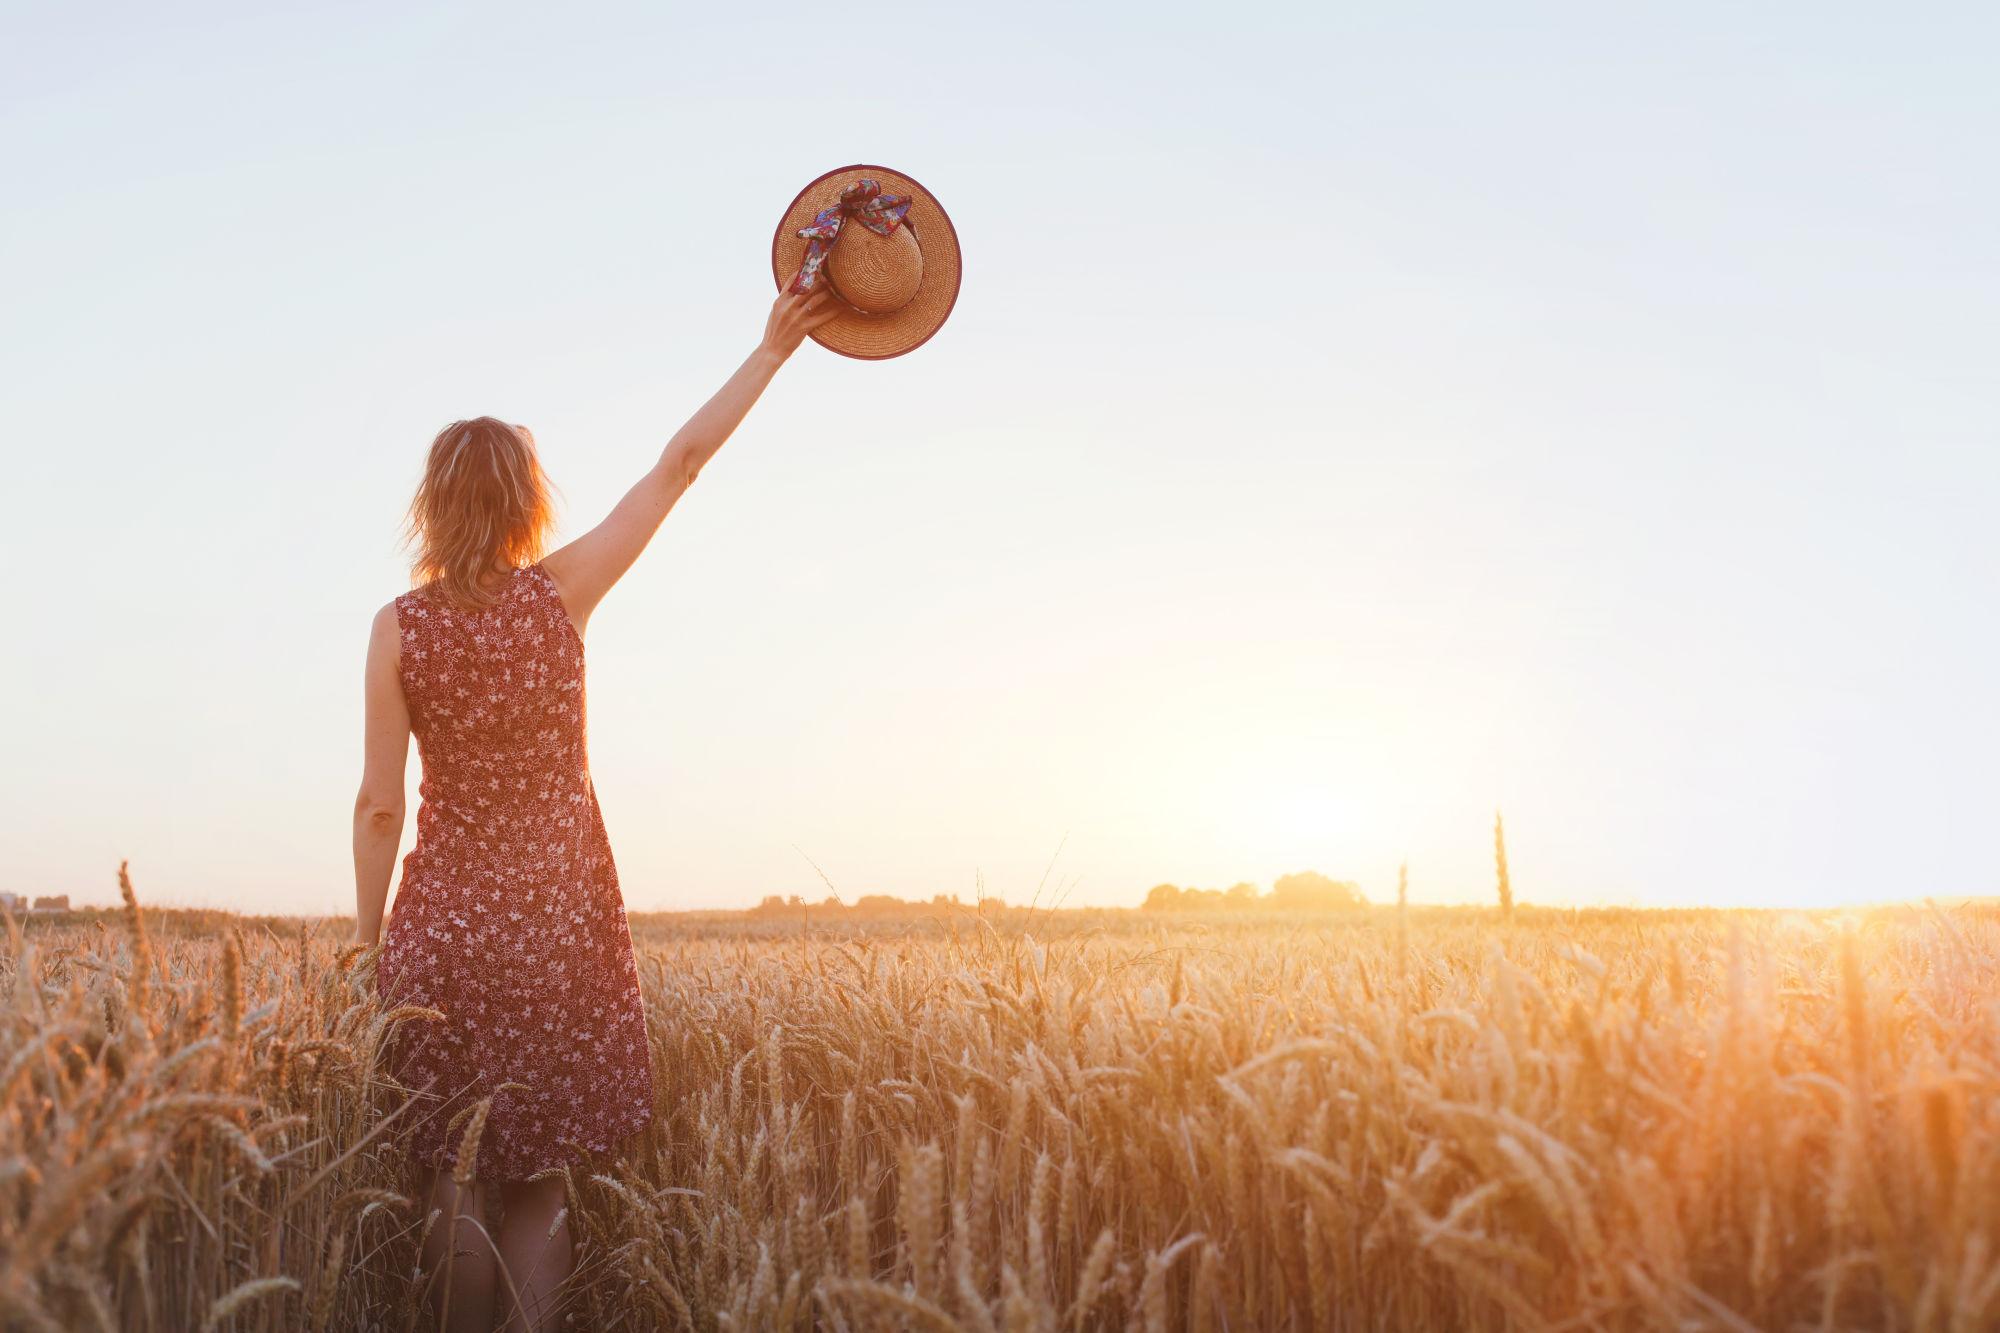 chica en el campo levantando su sombrero